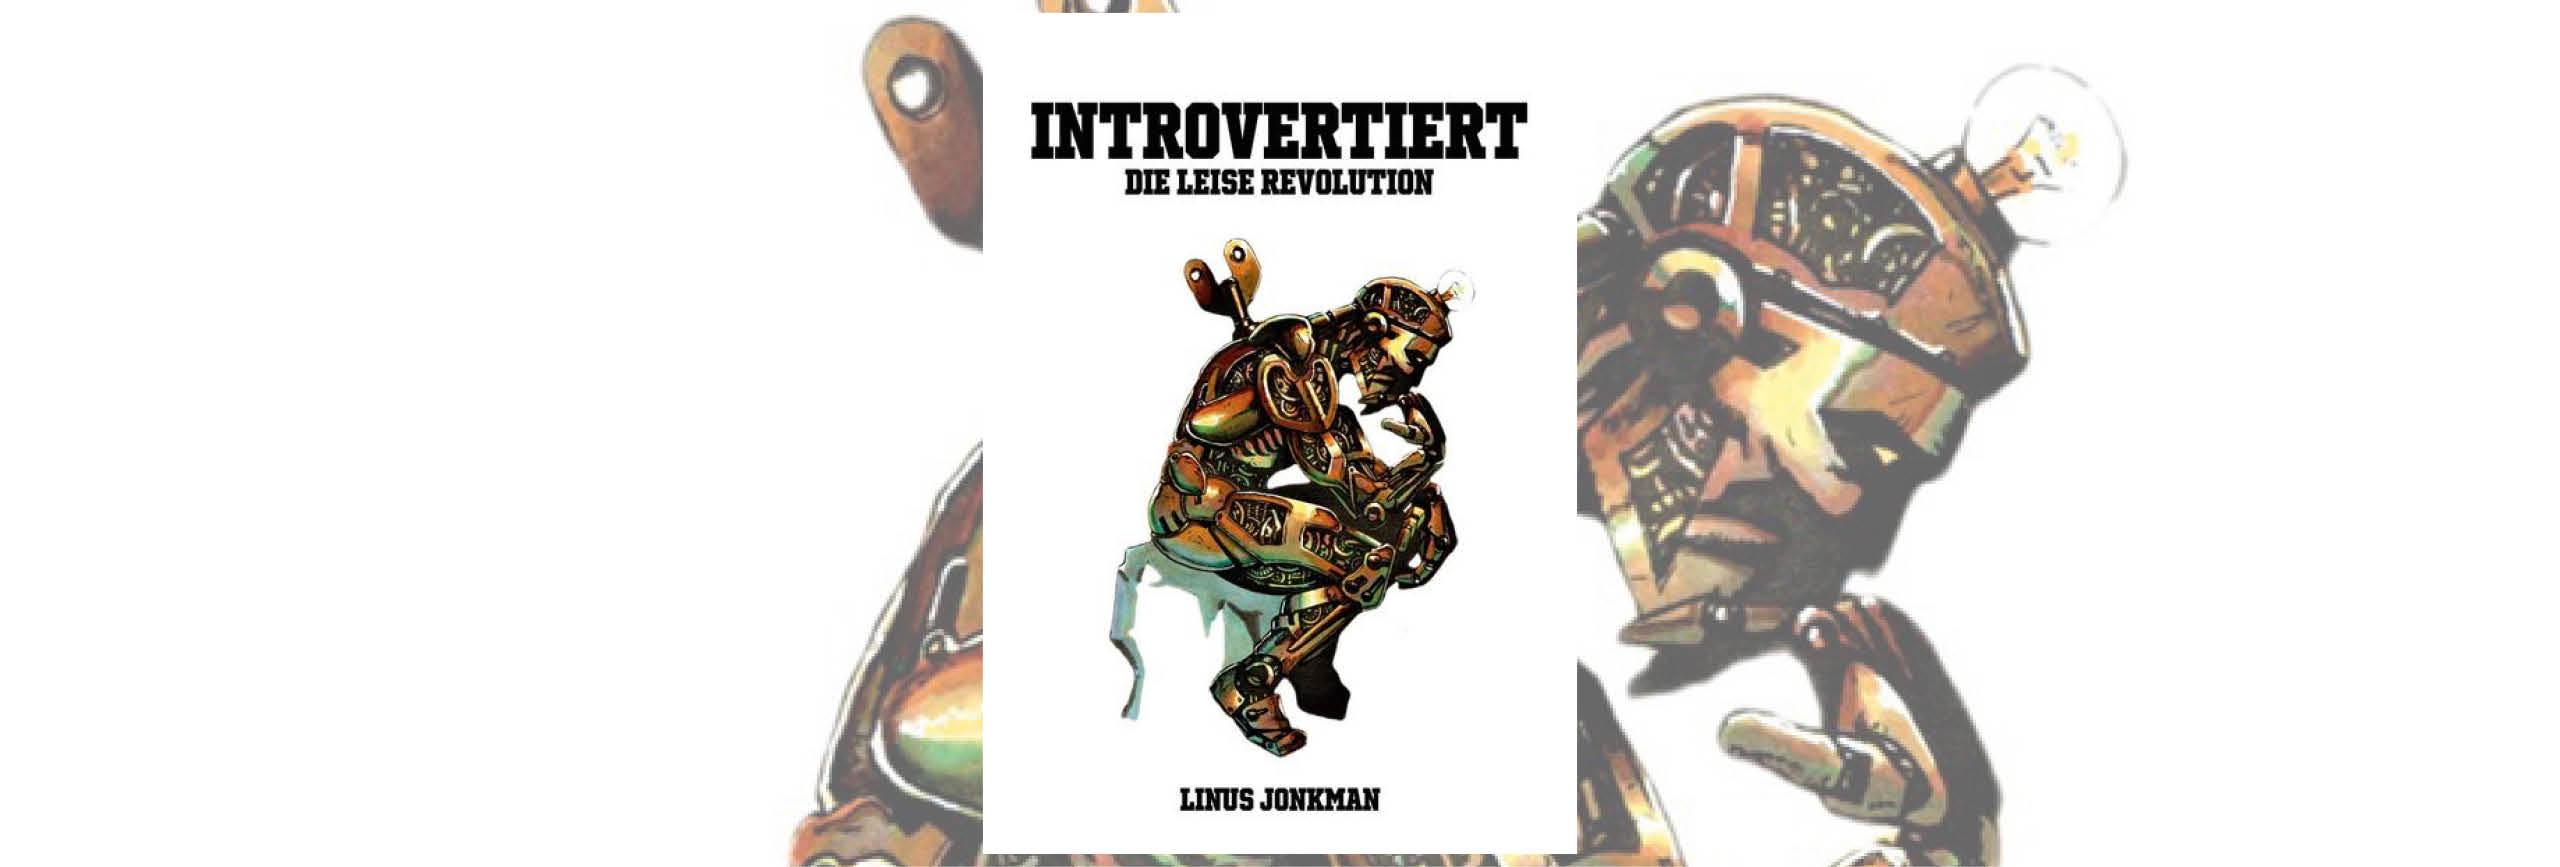 Introvertiert - Die leise Revolution